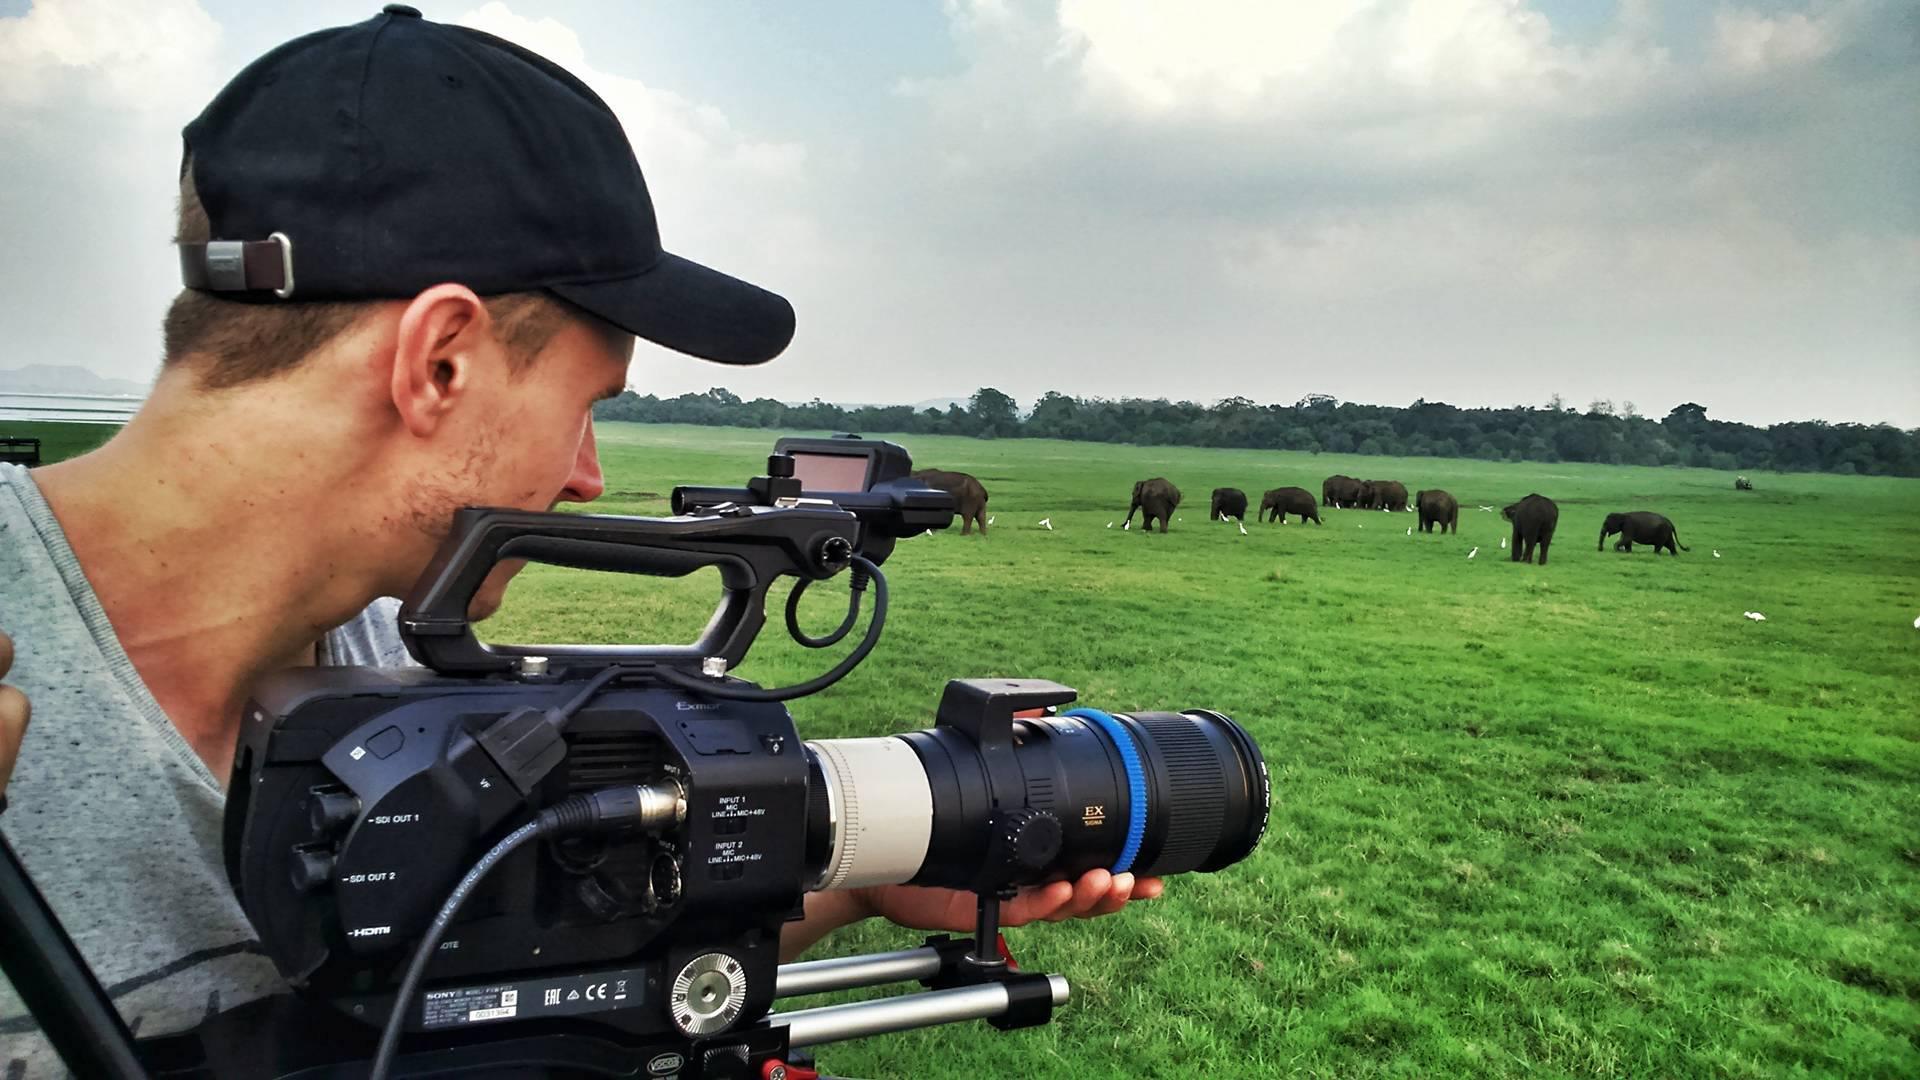 Filming For Sri Lankan Airlines 2016 - Film here -  https://www.youtube.com/watch?v=3cHpfMn6JcI